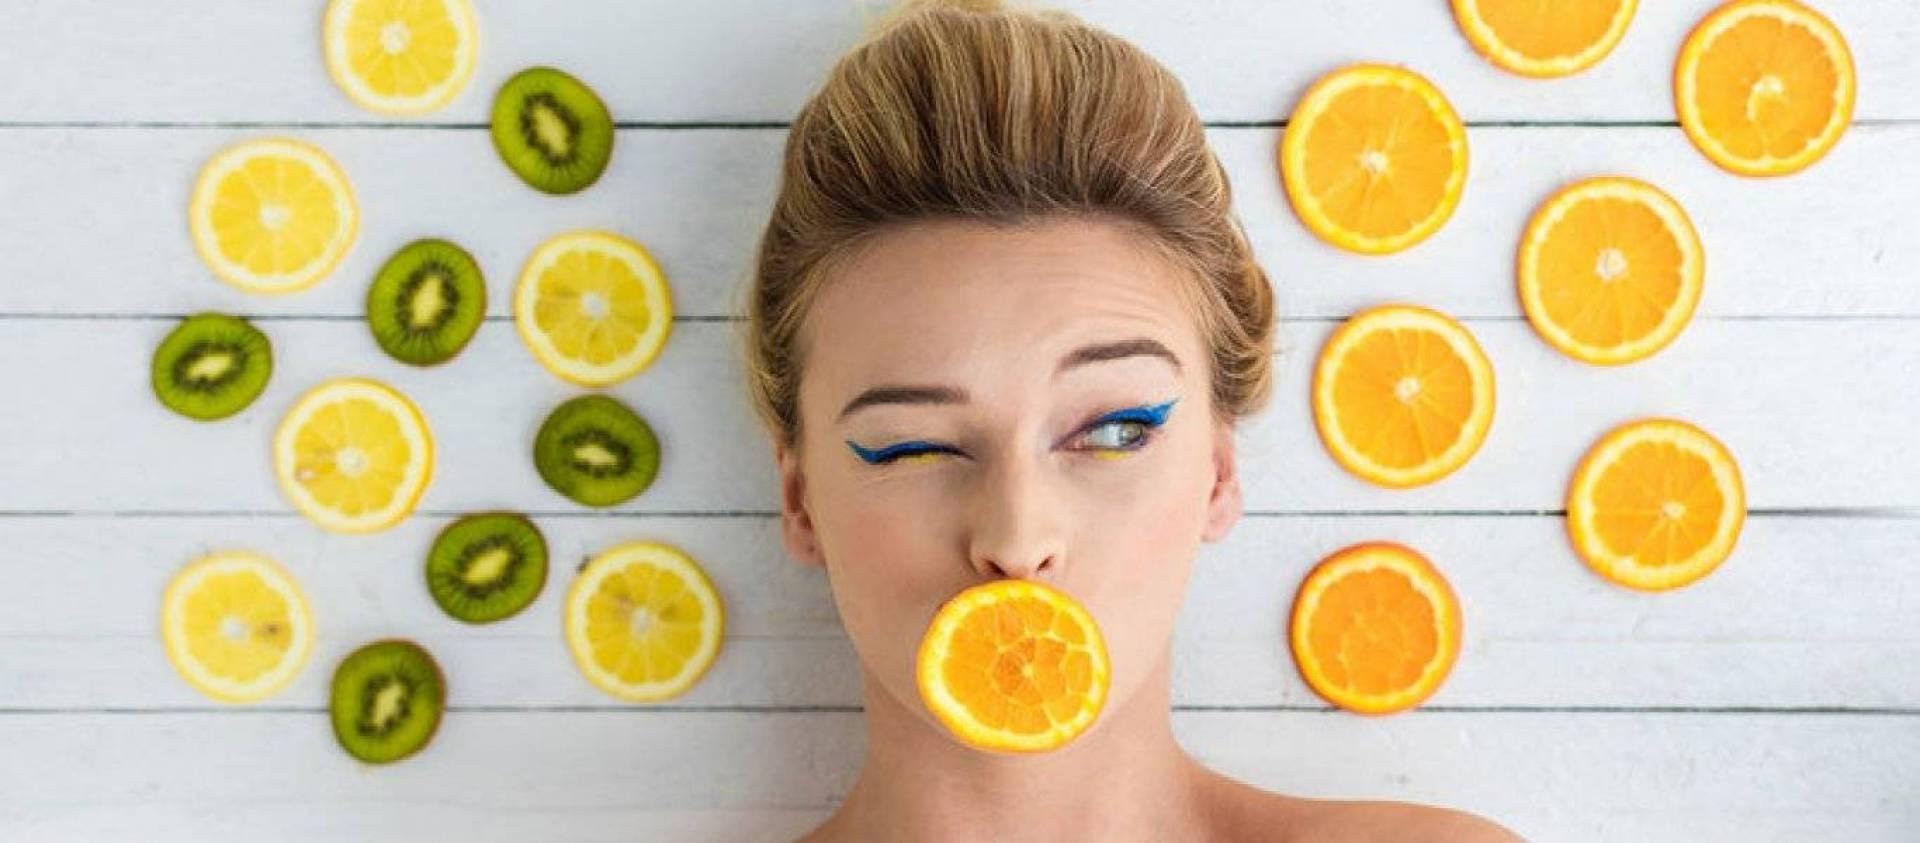 3 فيتامينات ضرورية لتفادي شيخوخة البشرة